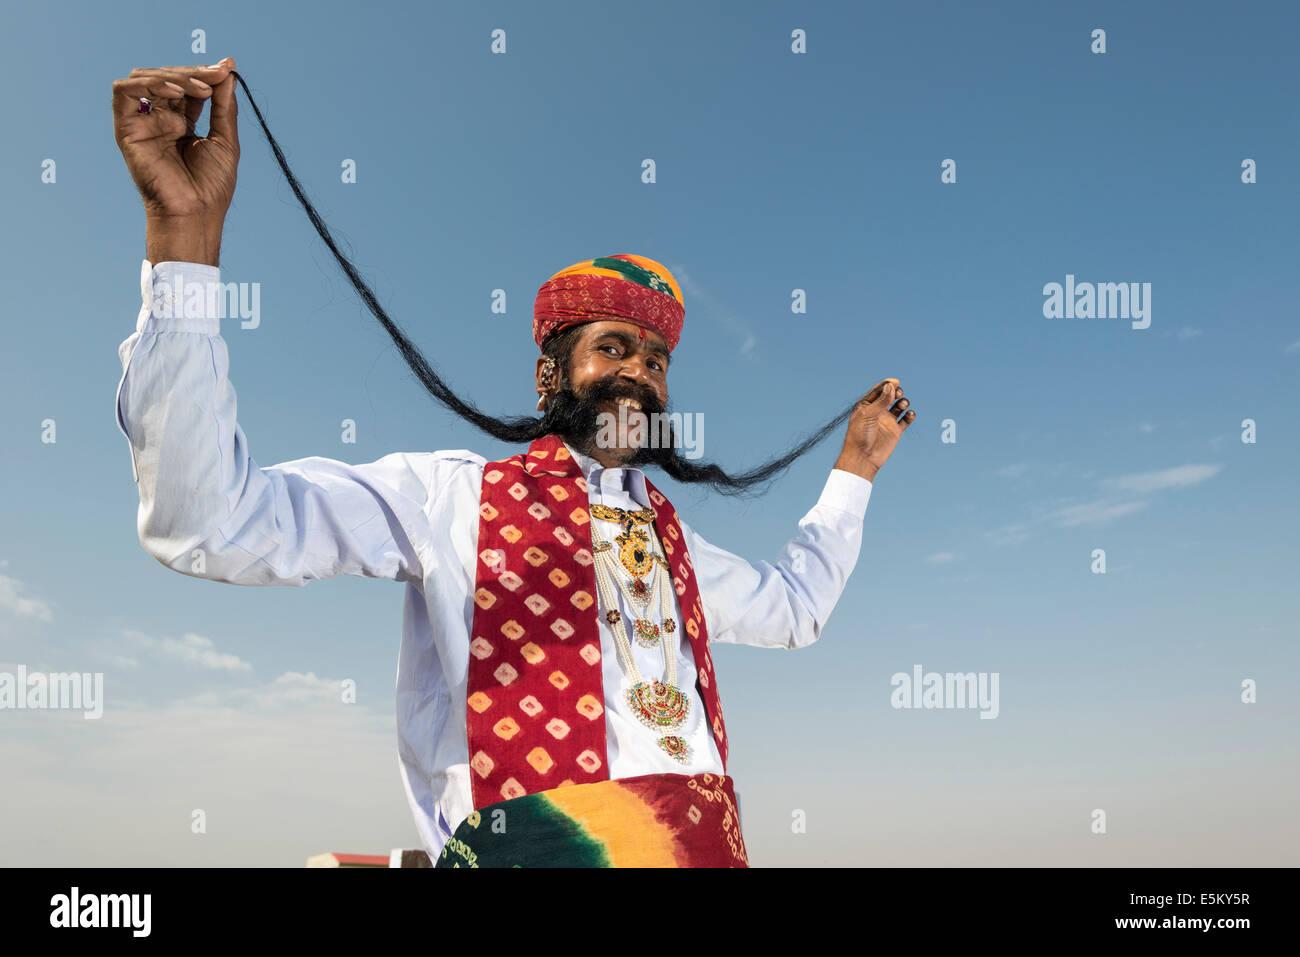 Homem de locais do seu longo bigode, Rajput pessoas, Bikaner, Rajasthan, Índia Imagens de Stock